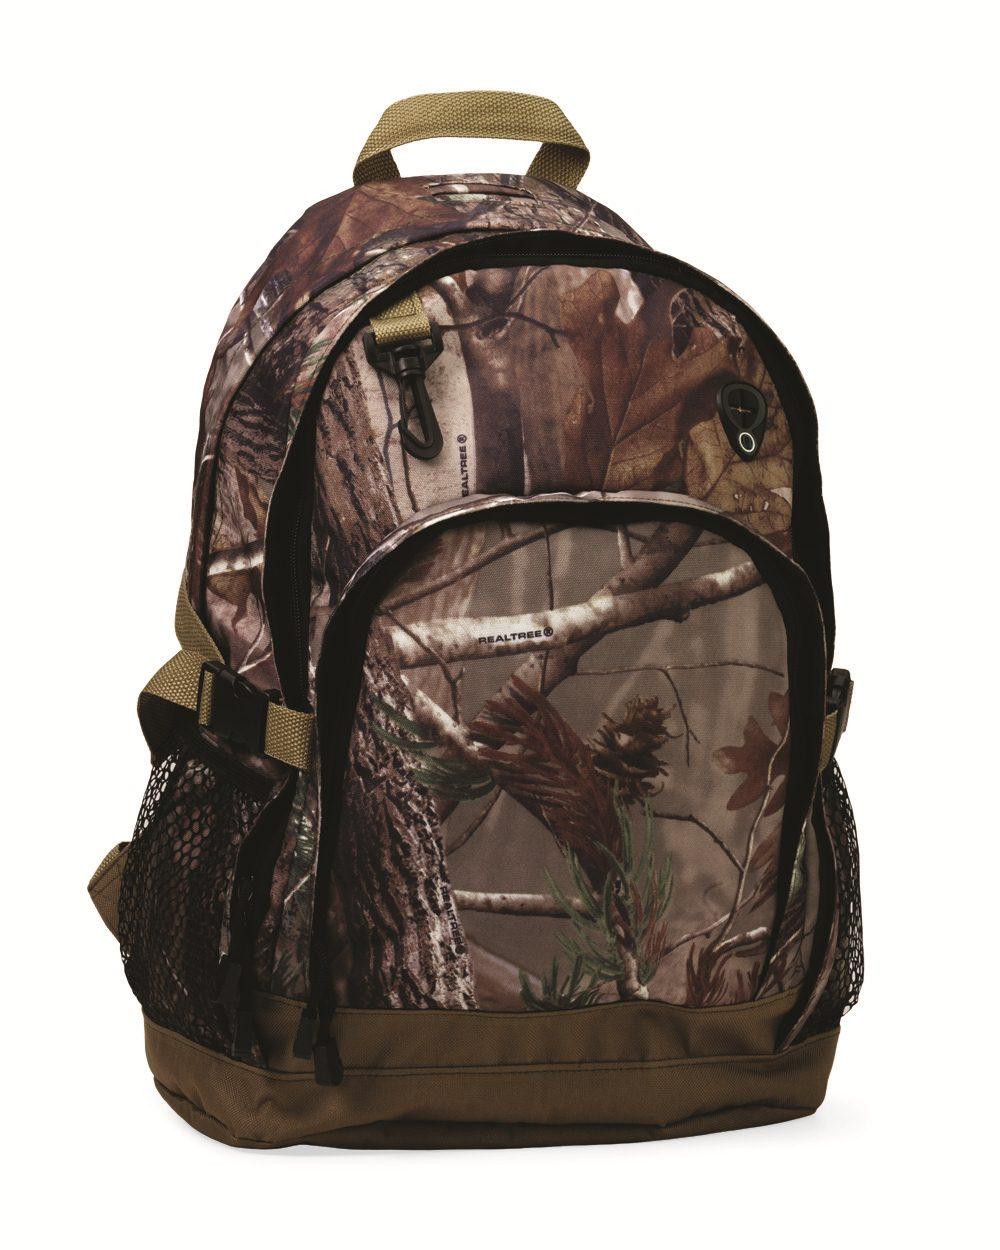 Kati Backpack - CBB